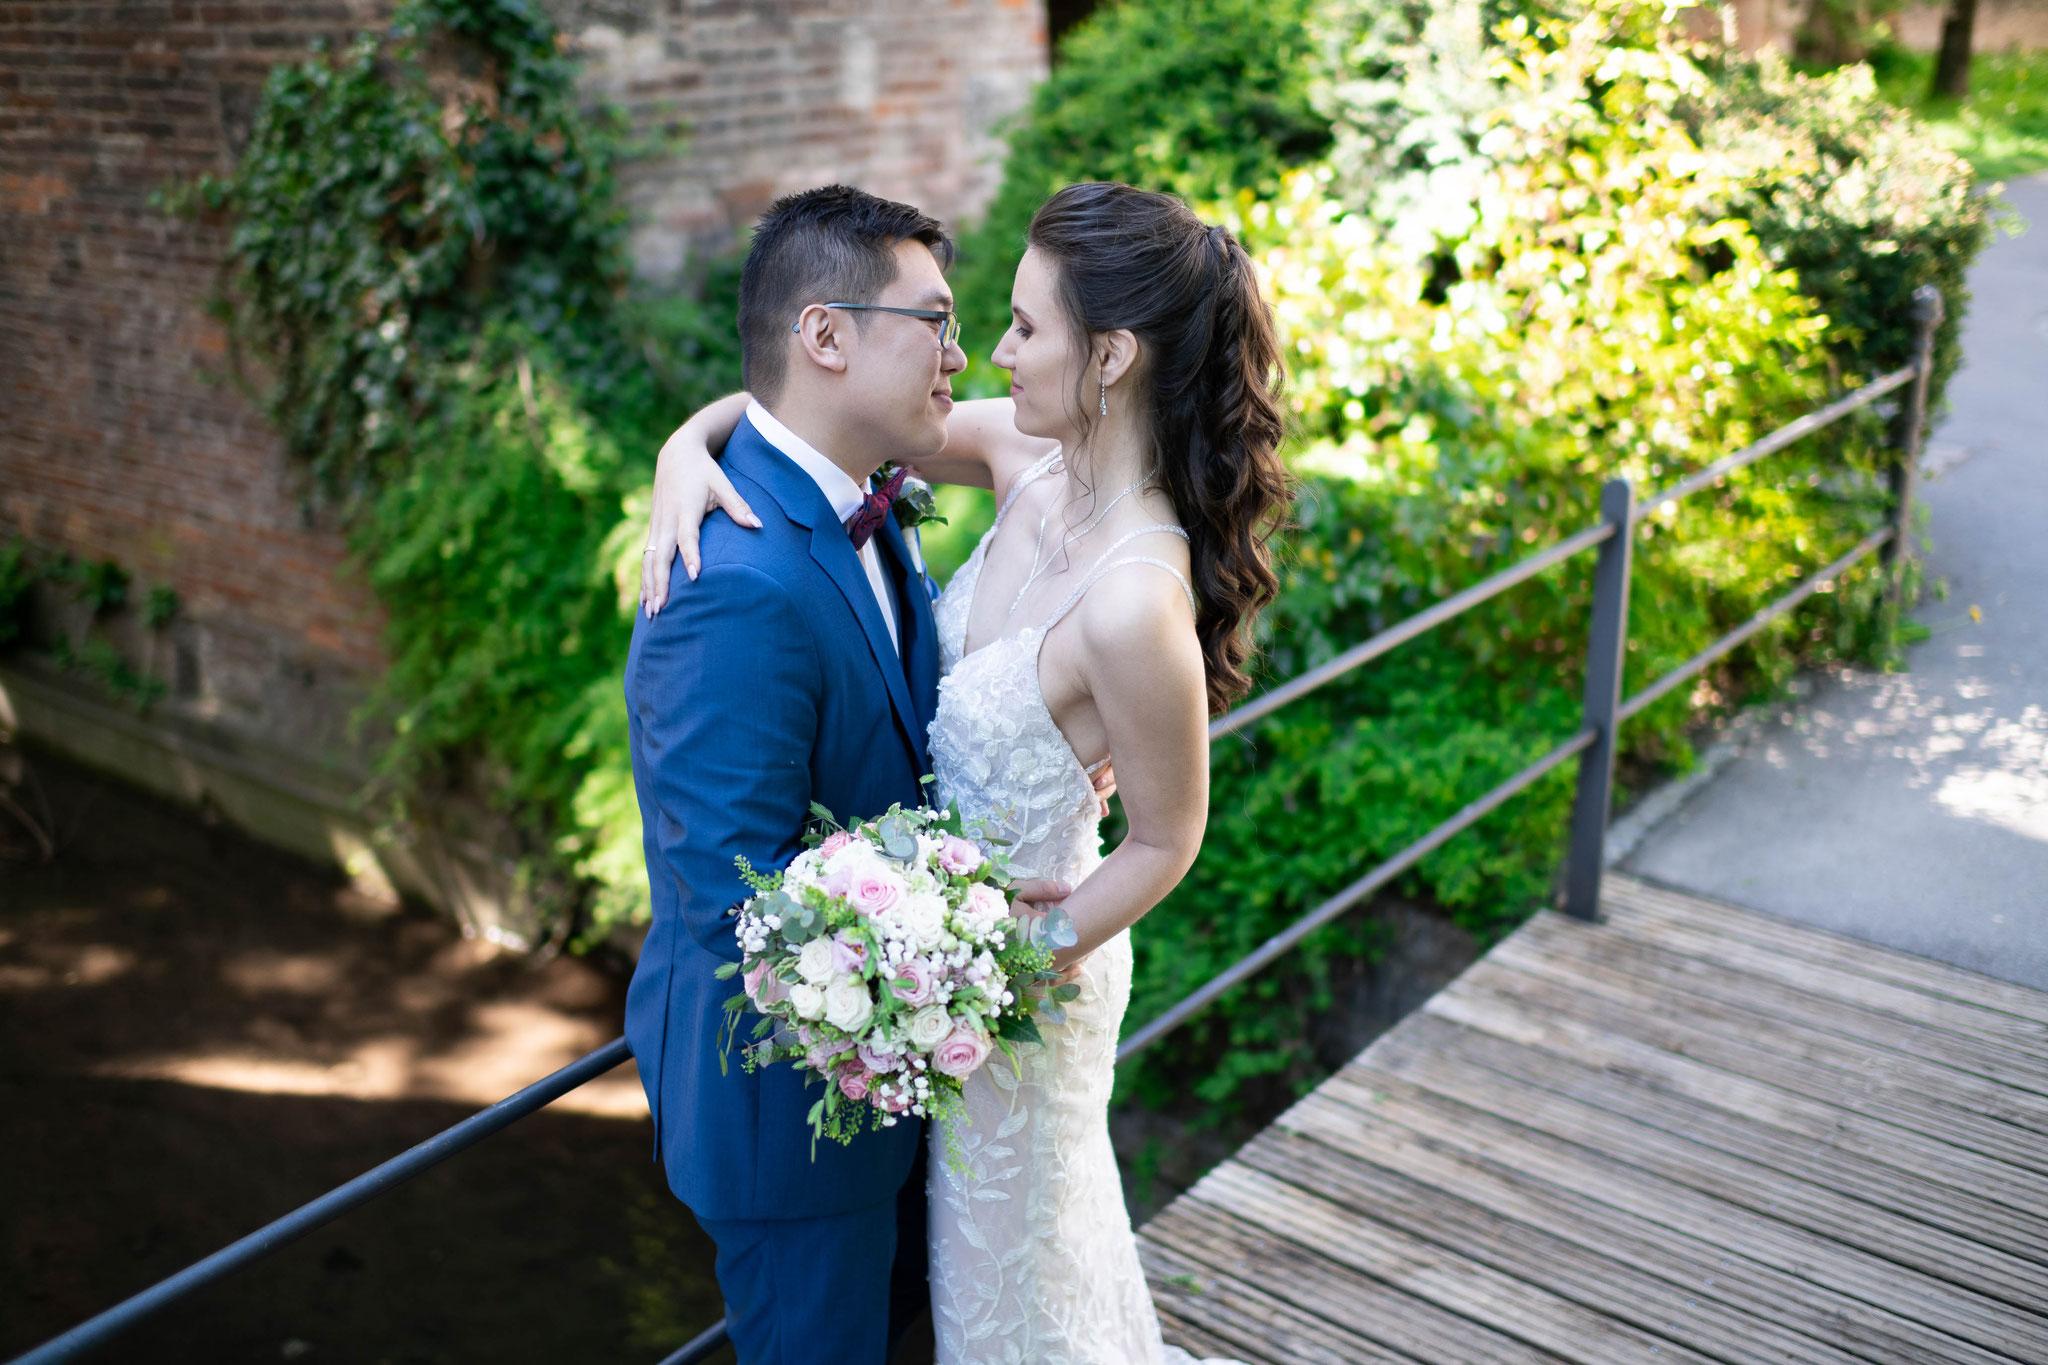 Meine Hochzeit vom Kamerateam filmen lassen